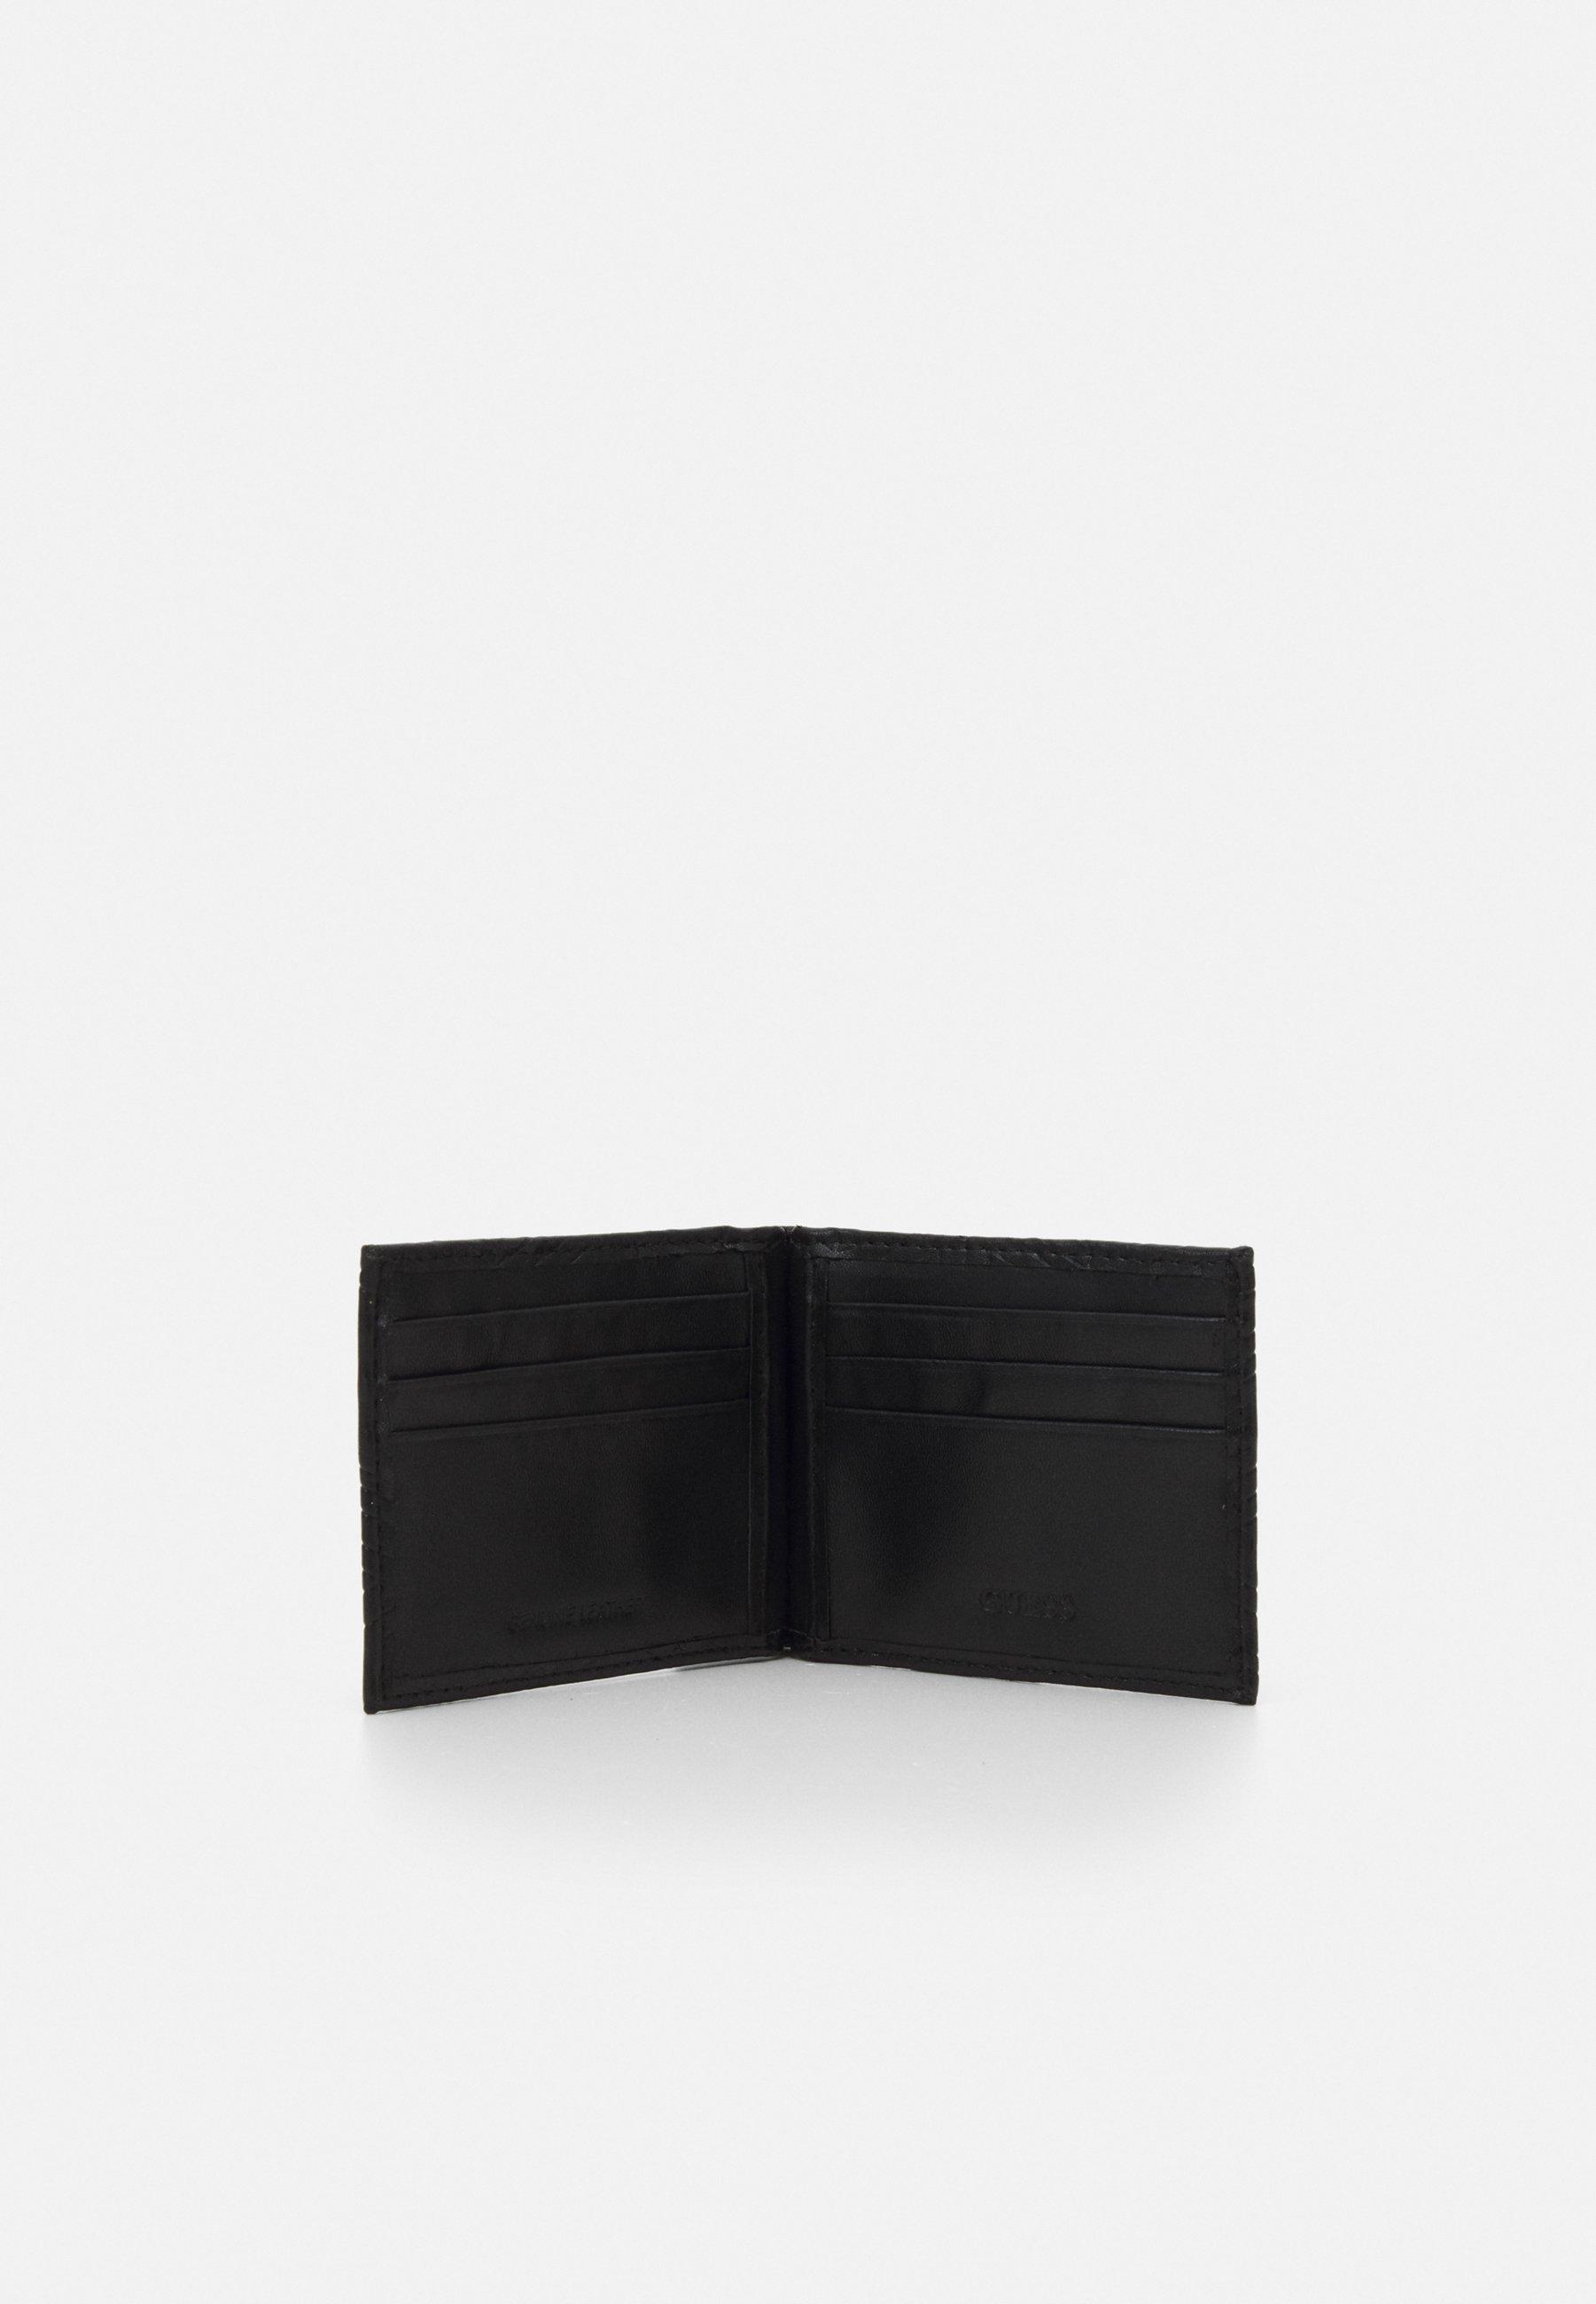 Guess BALDO MONEY CLIP - Geldbörse - black/schwarz - Herrentaschen SH1tZ